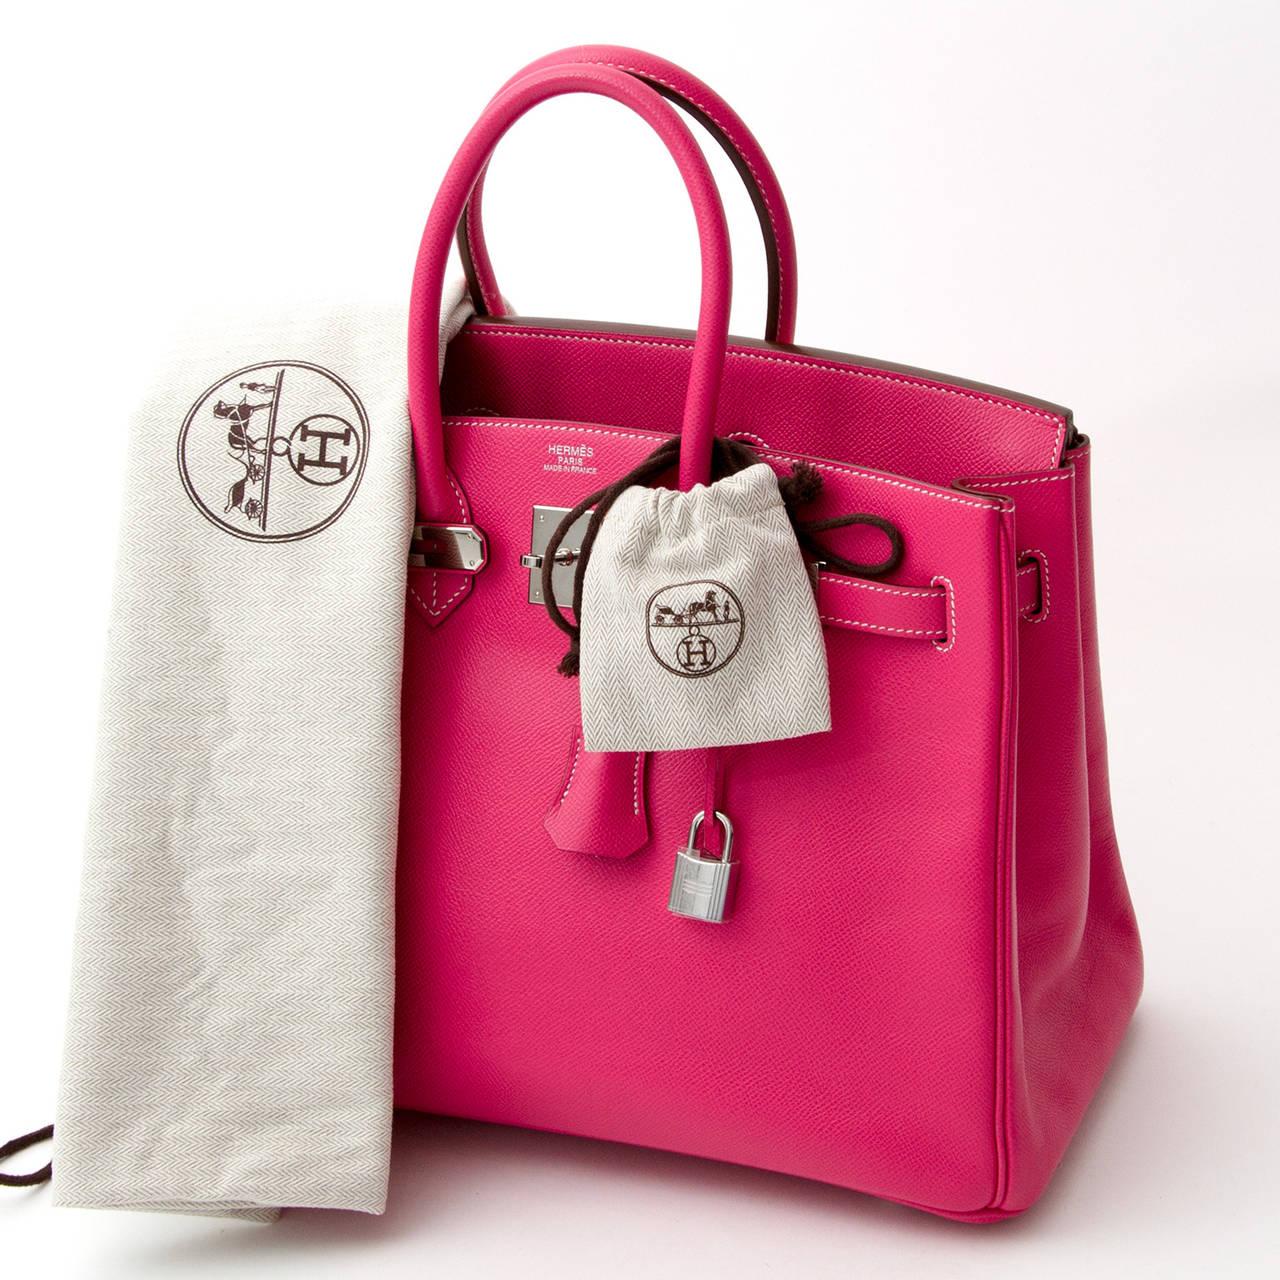 3e599d9bcd3c Women s Hermès Birkin 35 cm Candy Veau Epsom Rose Tyrien + receipt For Sale